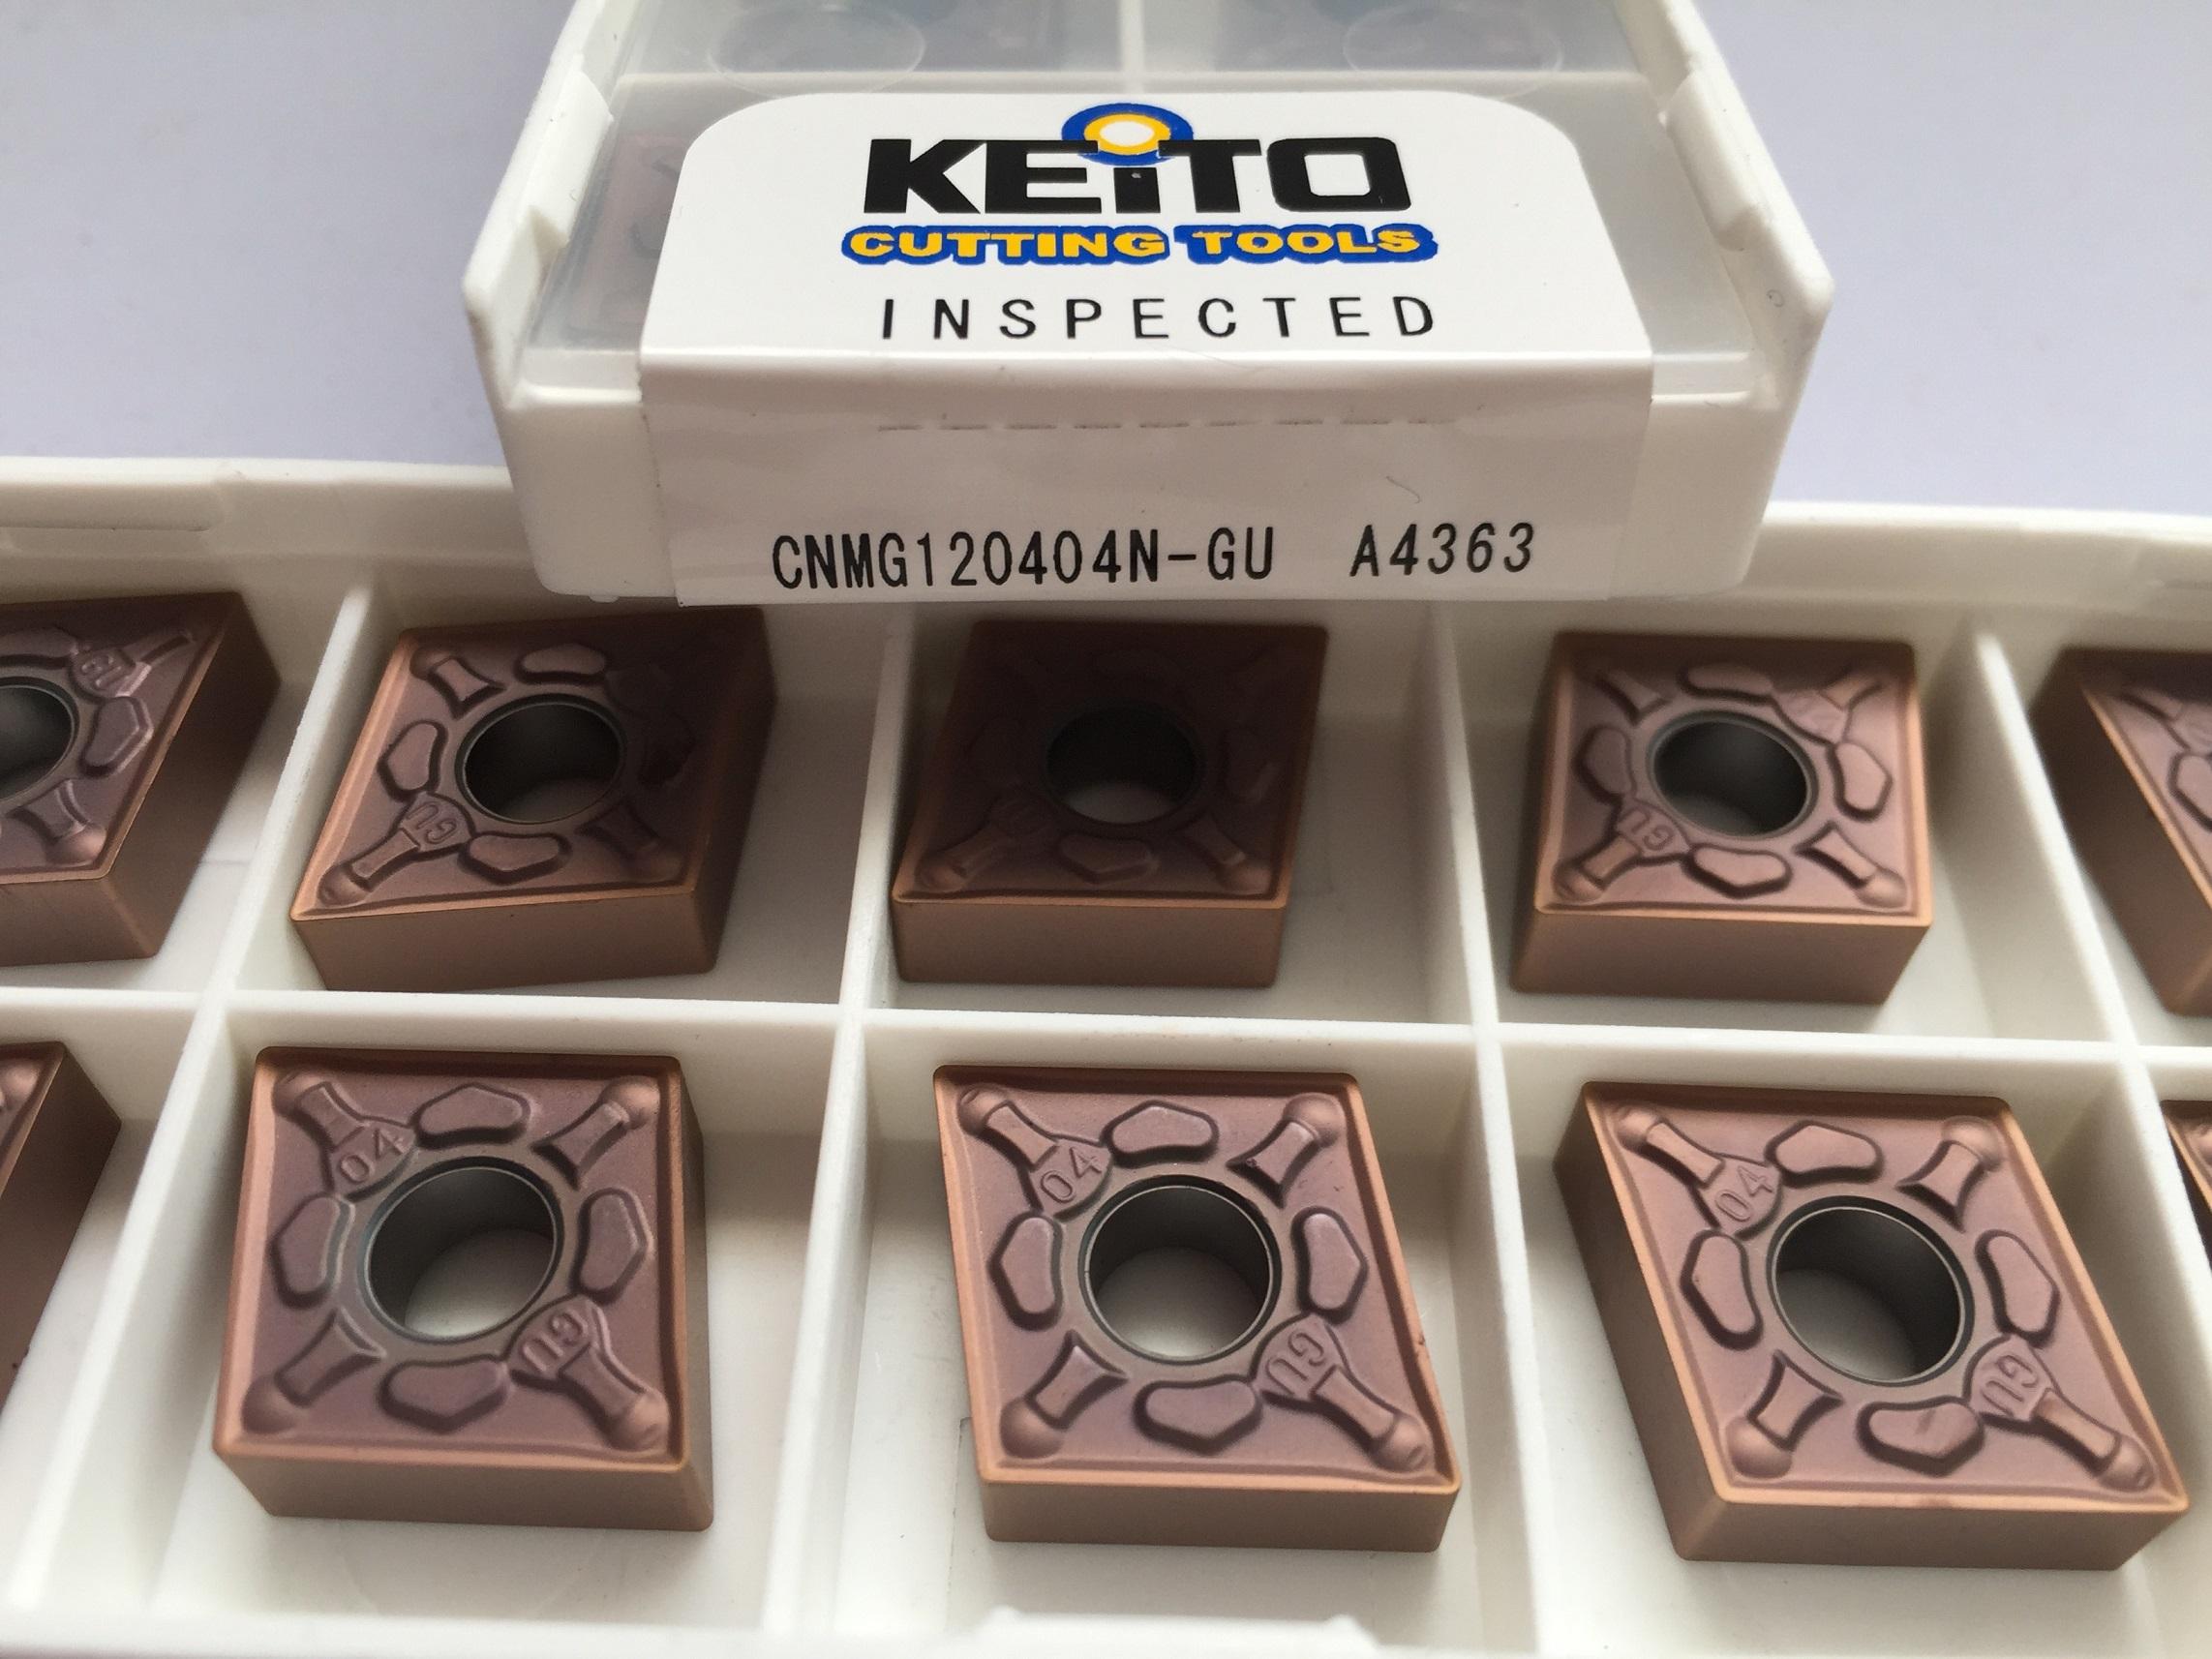 Carbide inserts CNMG120404N-GU